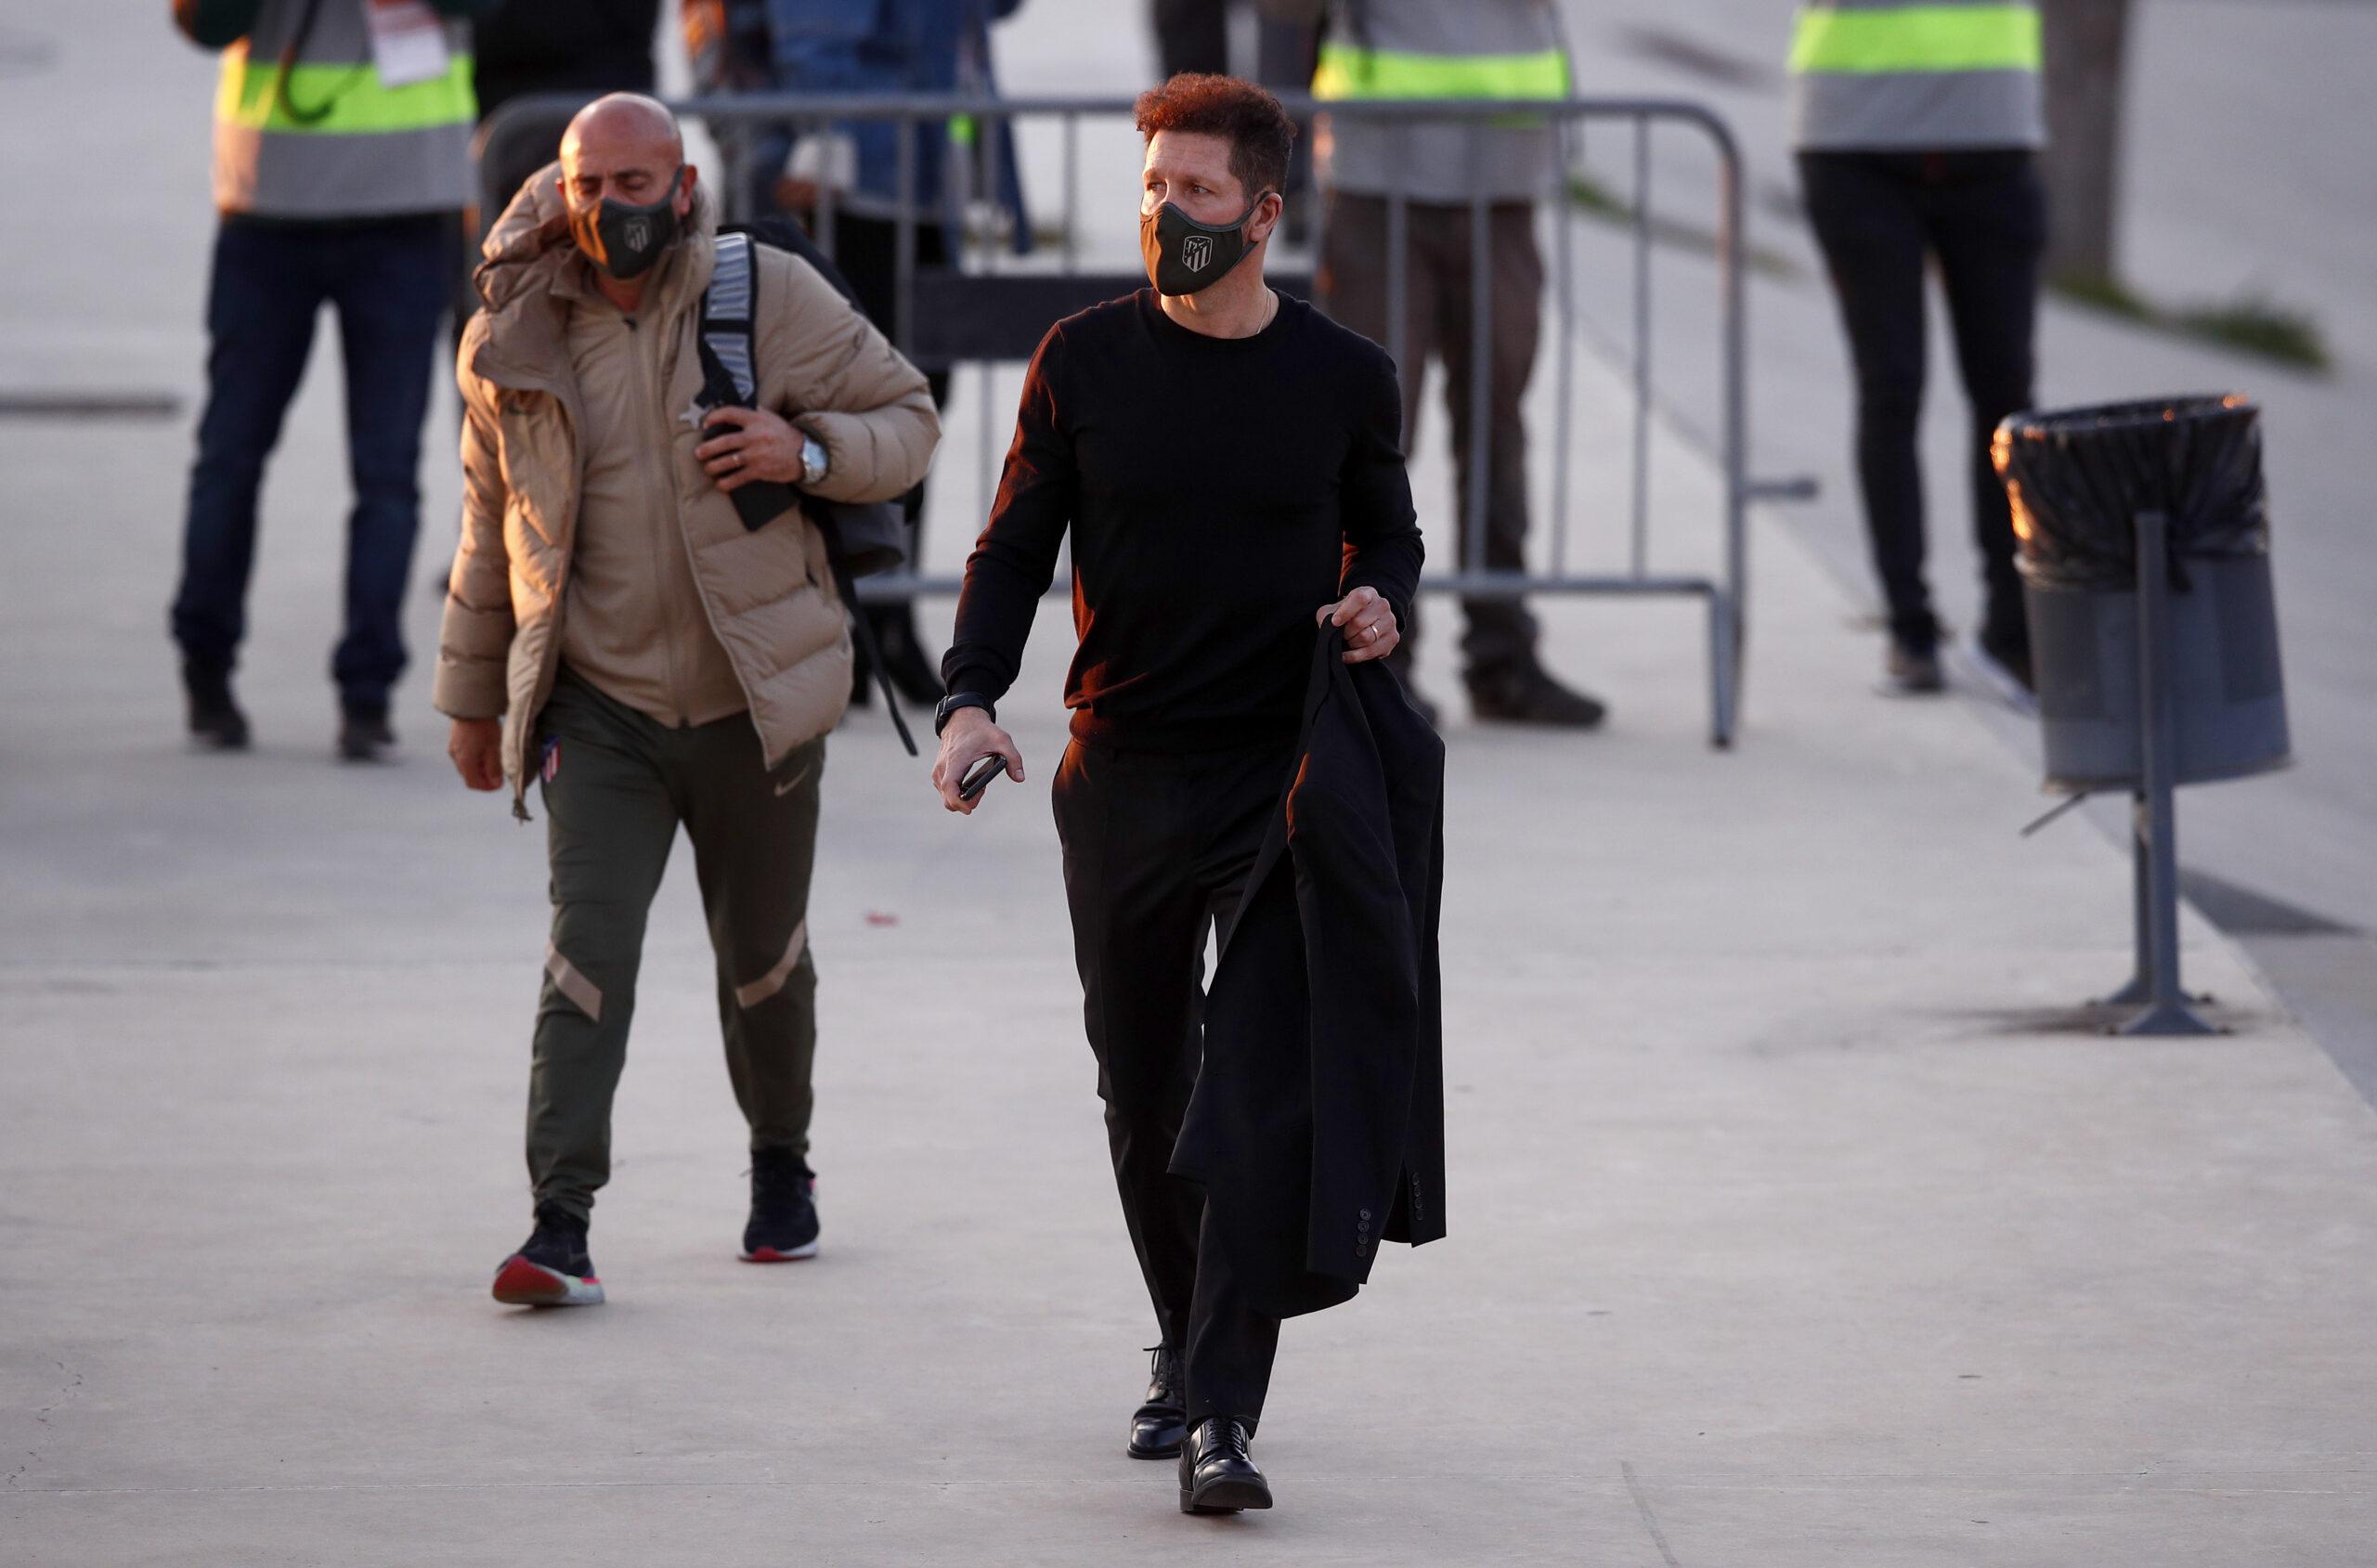 VIDEO: Simeone pone su cargo a disposición del club